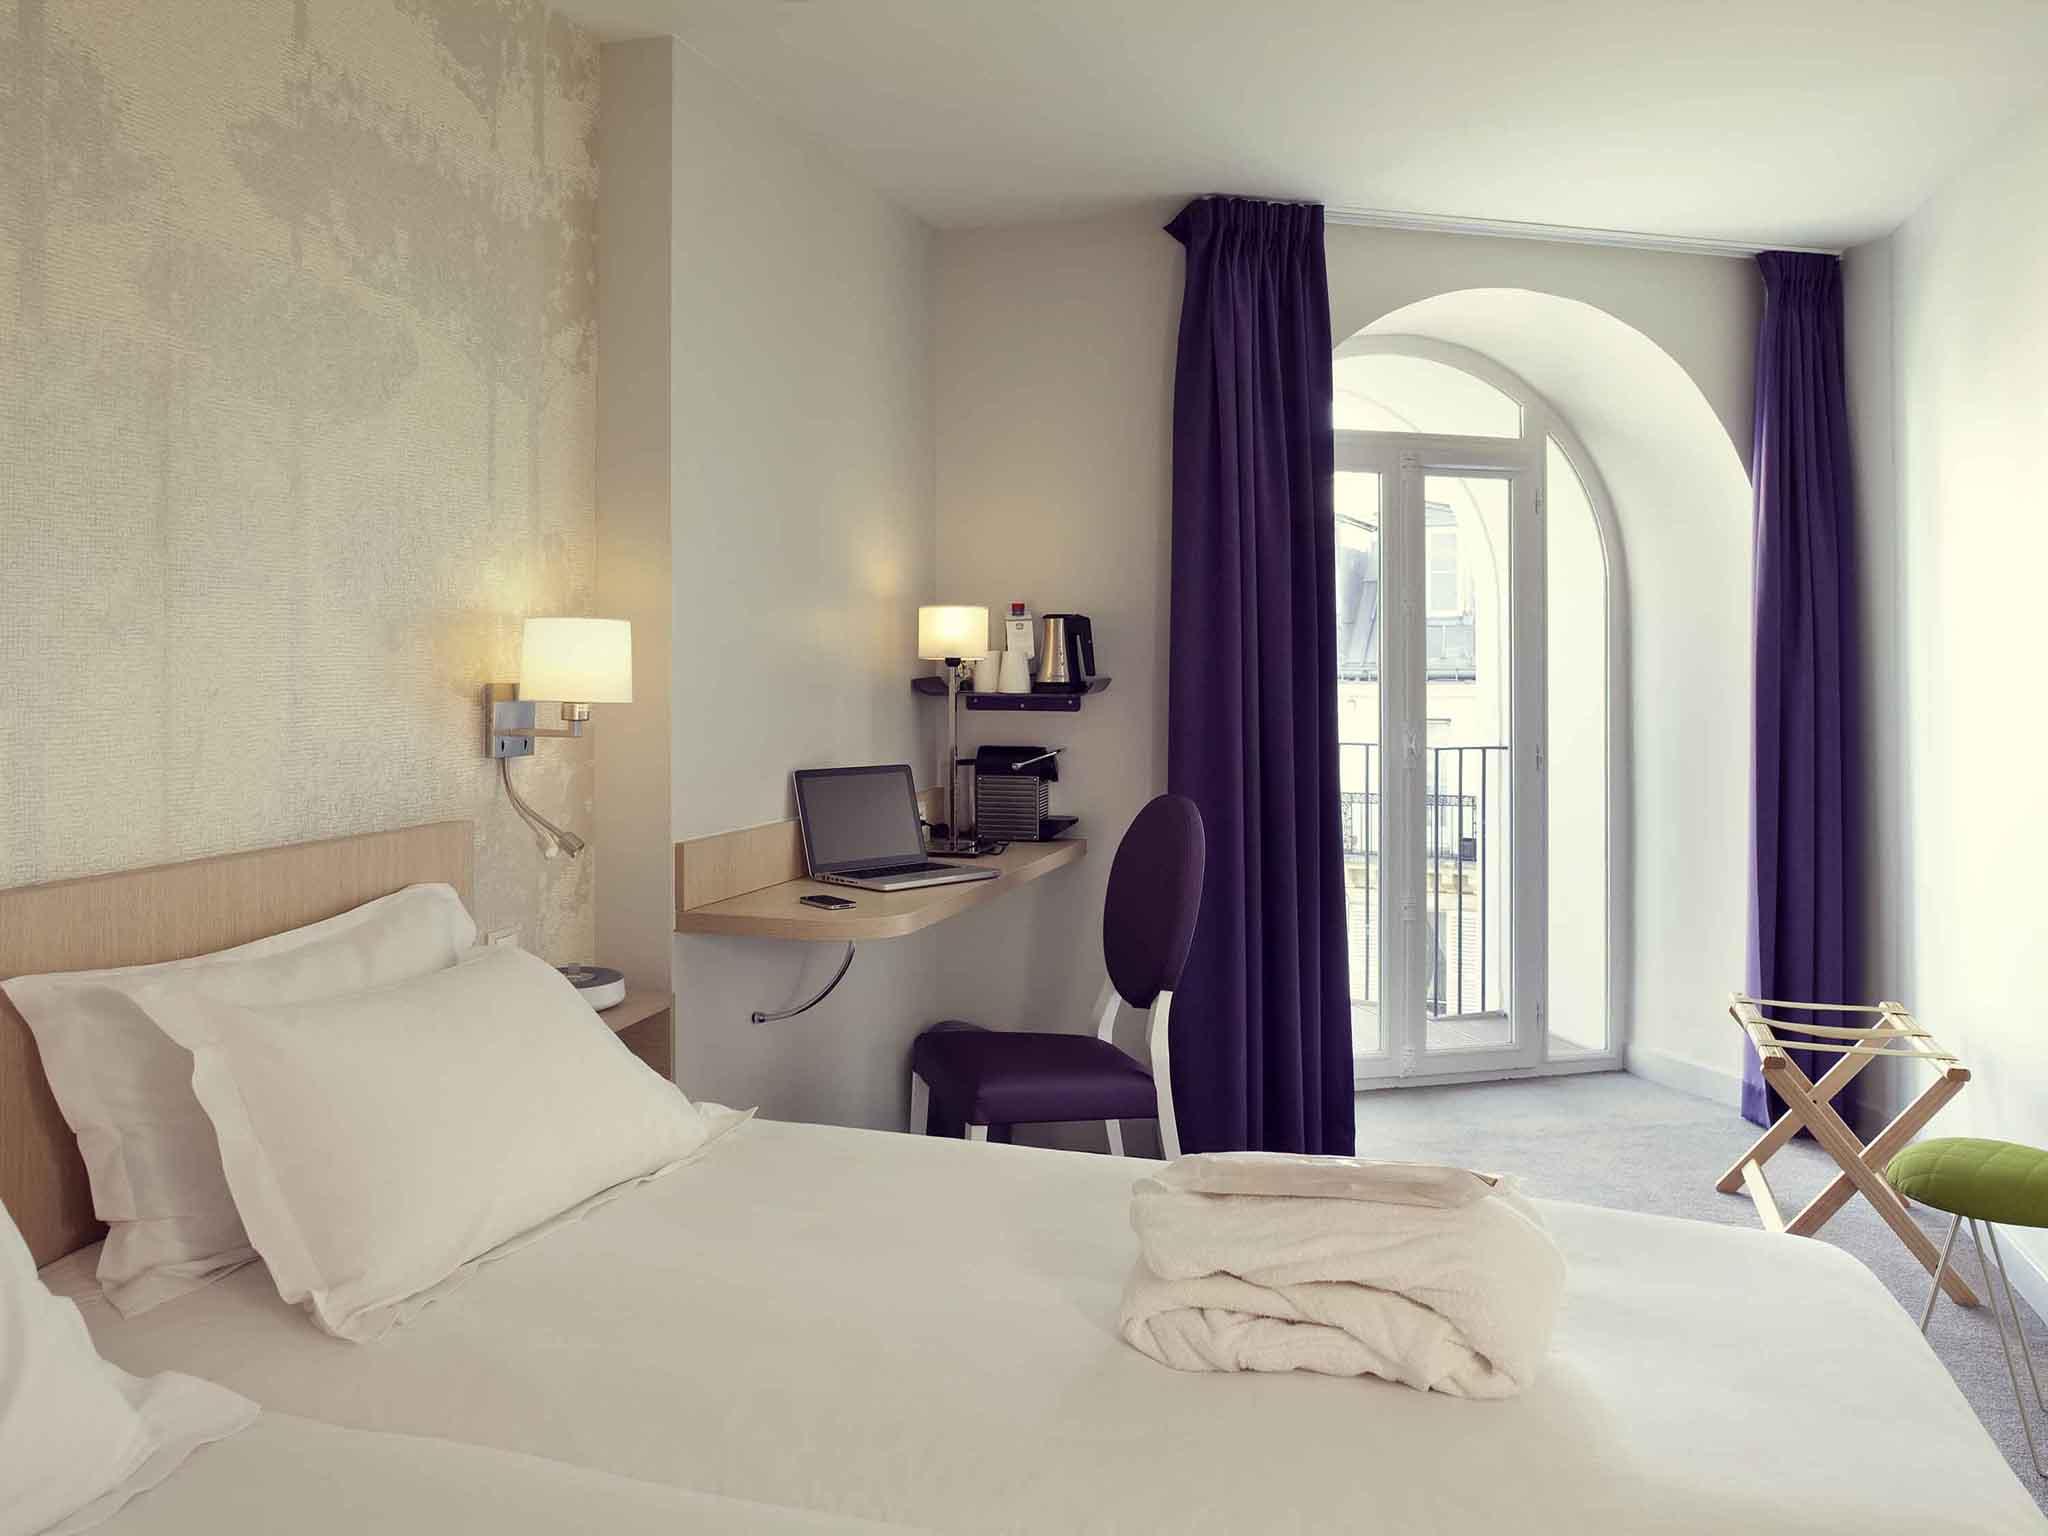 فندق - فندق مركيور Mercure باريس نوتردام سان جيرمان دي بري